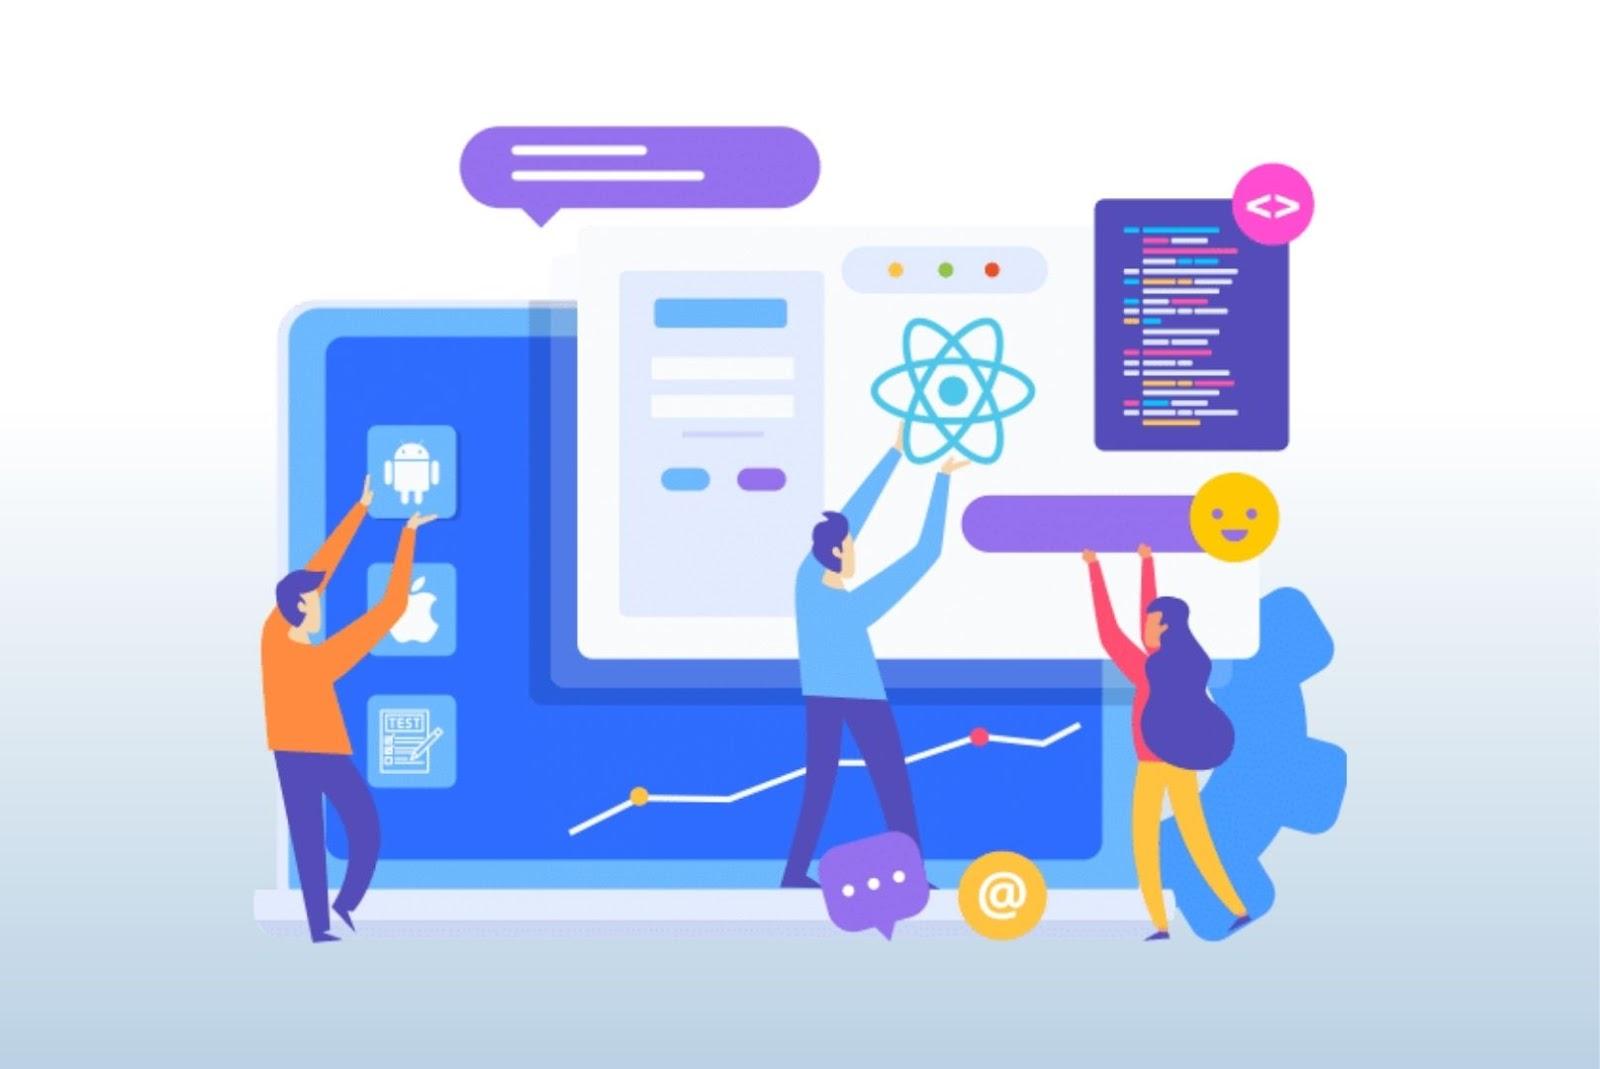 ReactJS for web app development